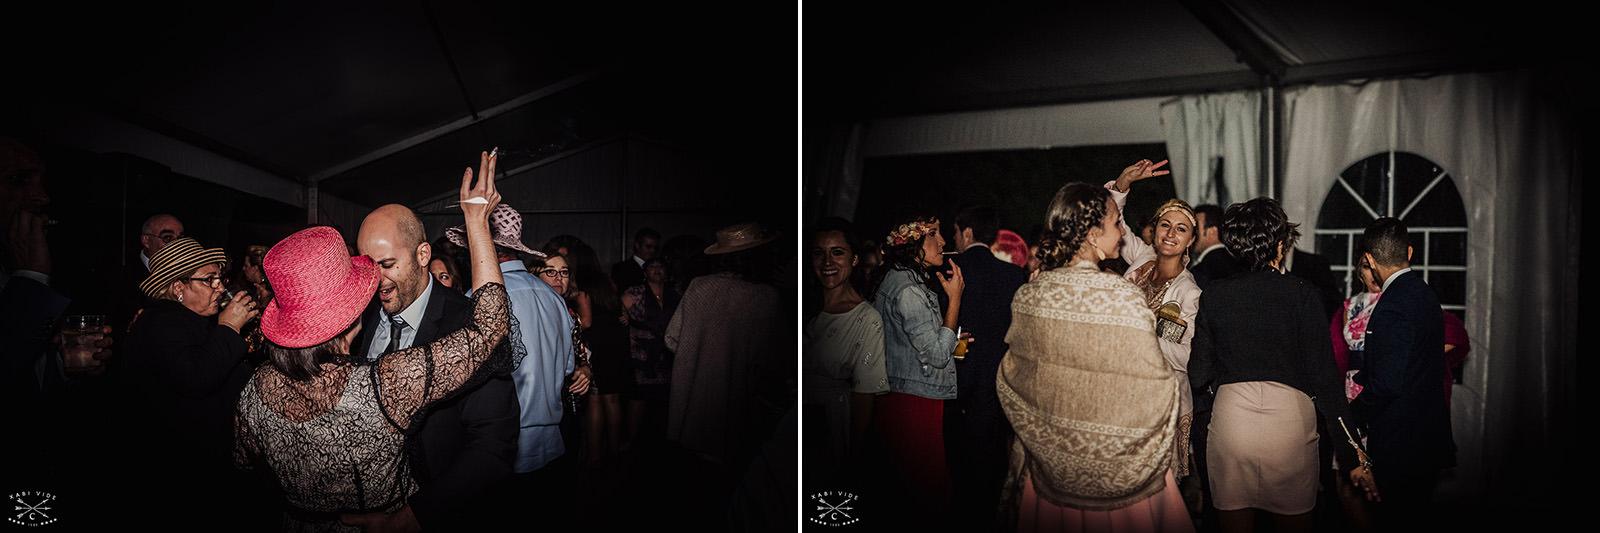 fotógrafo de bodas en calahorra-184